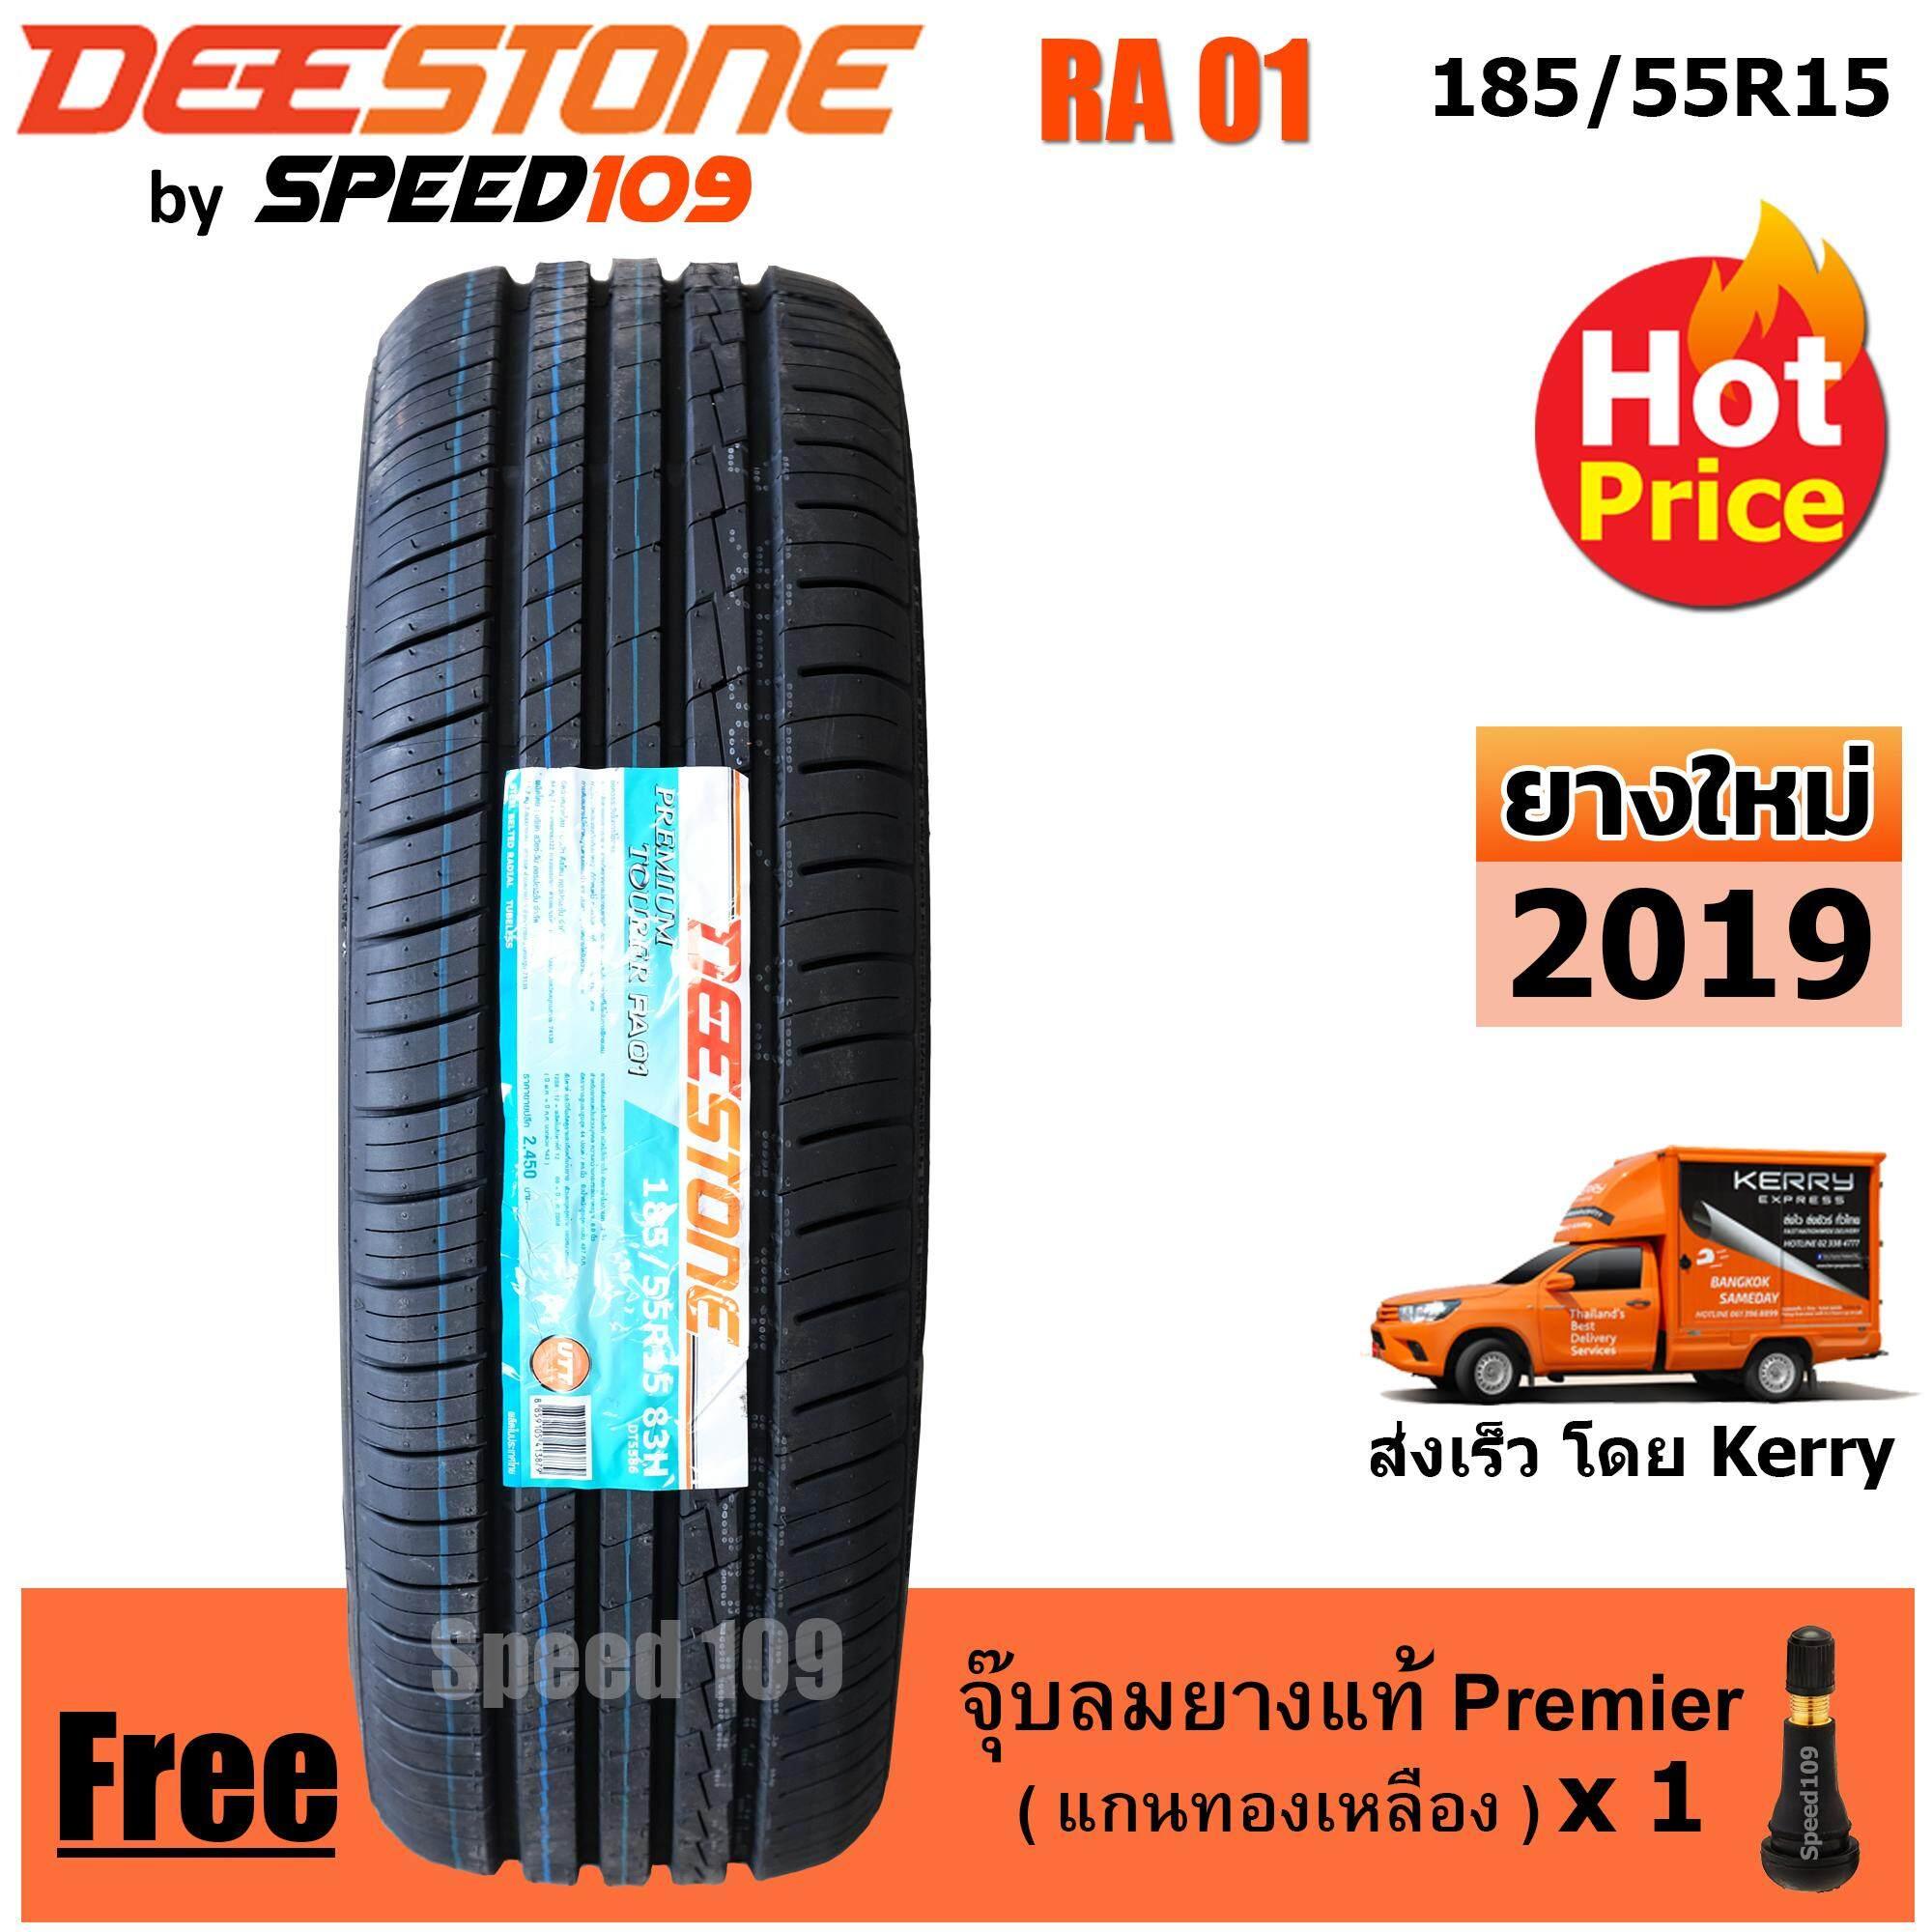 ขายดีมาก! DEESTONE ยางรถยนต์ ขอบ 15 ขนาด 185/55R15 รุ่น Premium Tourer RA01 - 1 เส้น (ปี 2019)